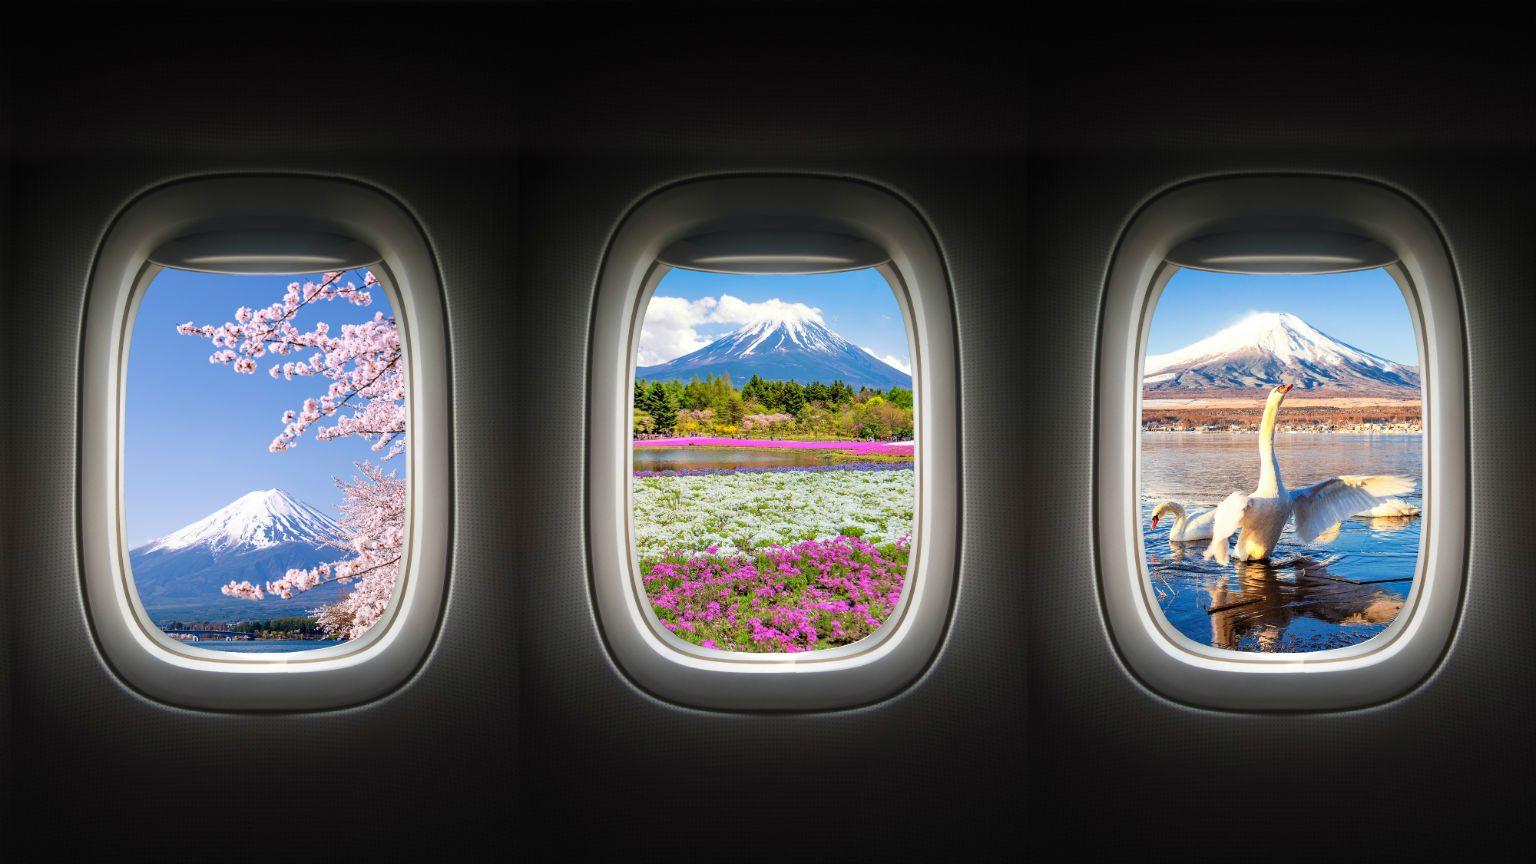 Mt Fuji in window